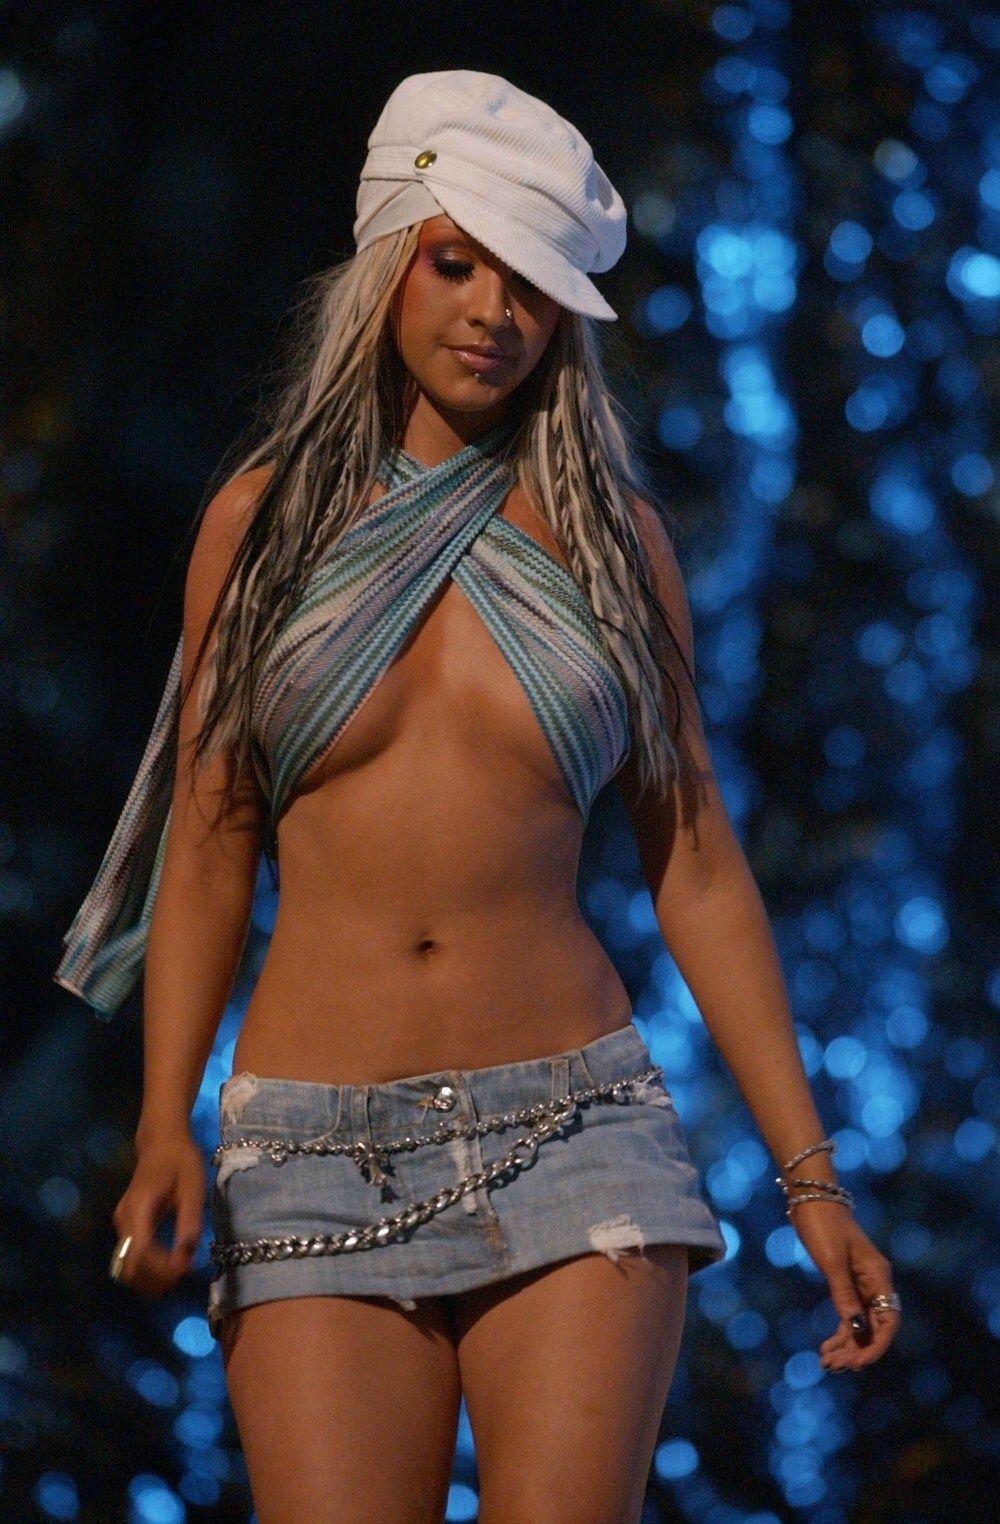 Christina Aguilera at MTV VMA 2002 | Christina aguilera 2002, Christina  aguilera, Celebrities female